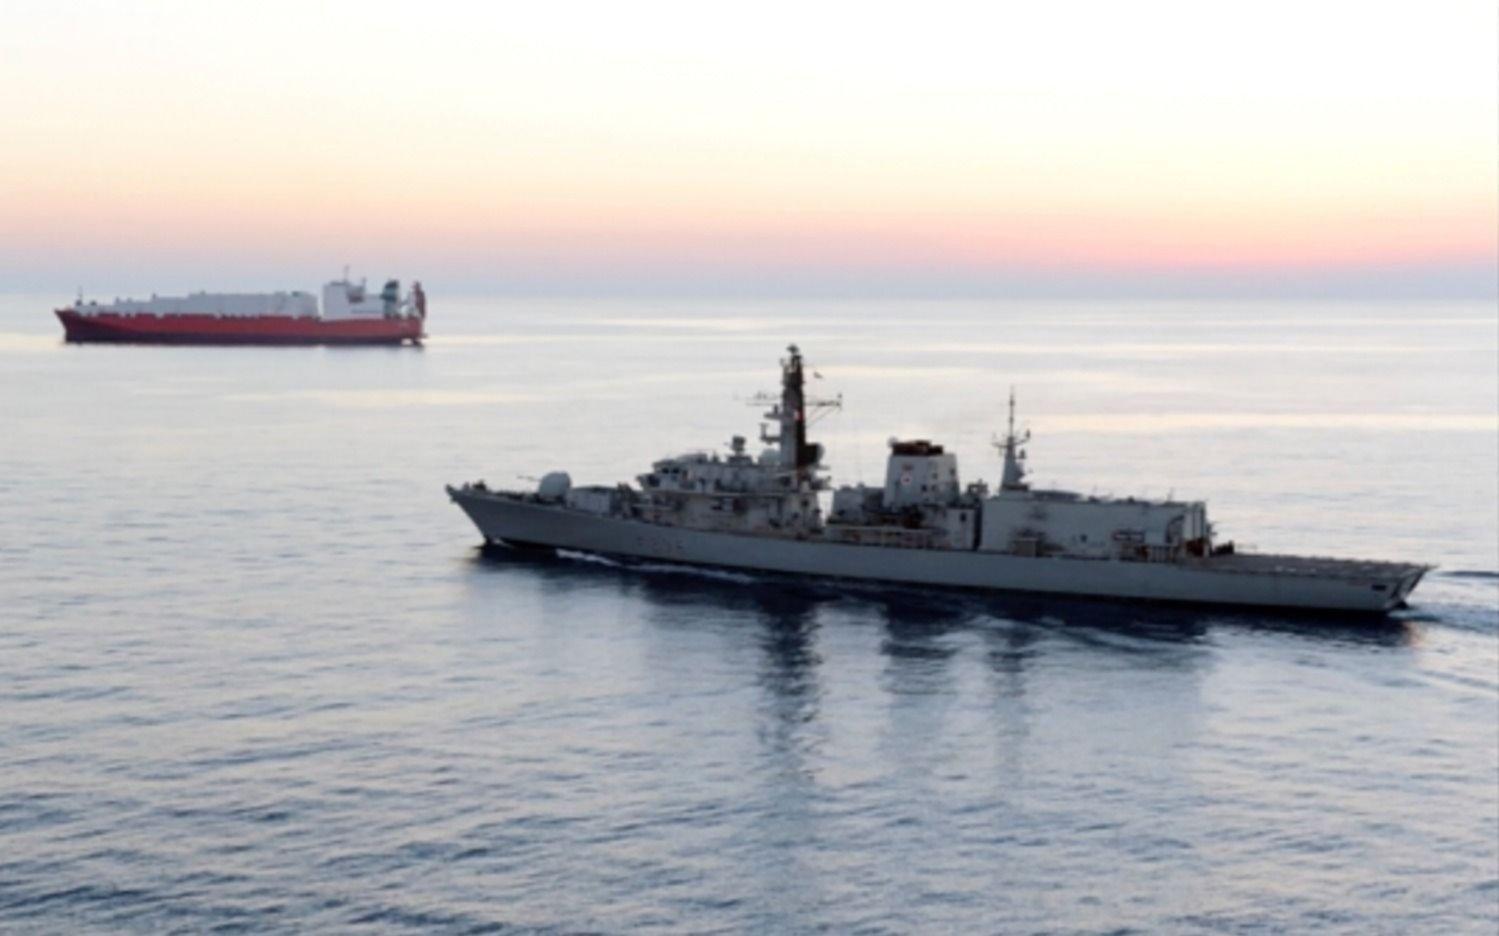 Londres presiona a Irán para recuperar el petrolero capturado